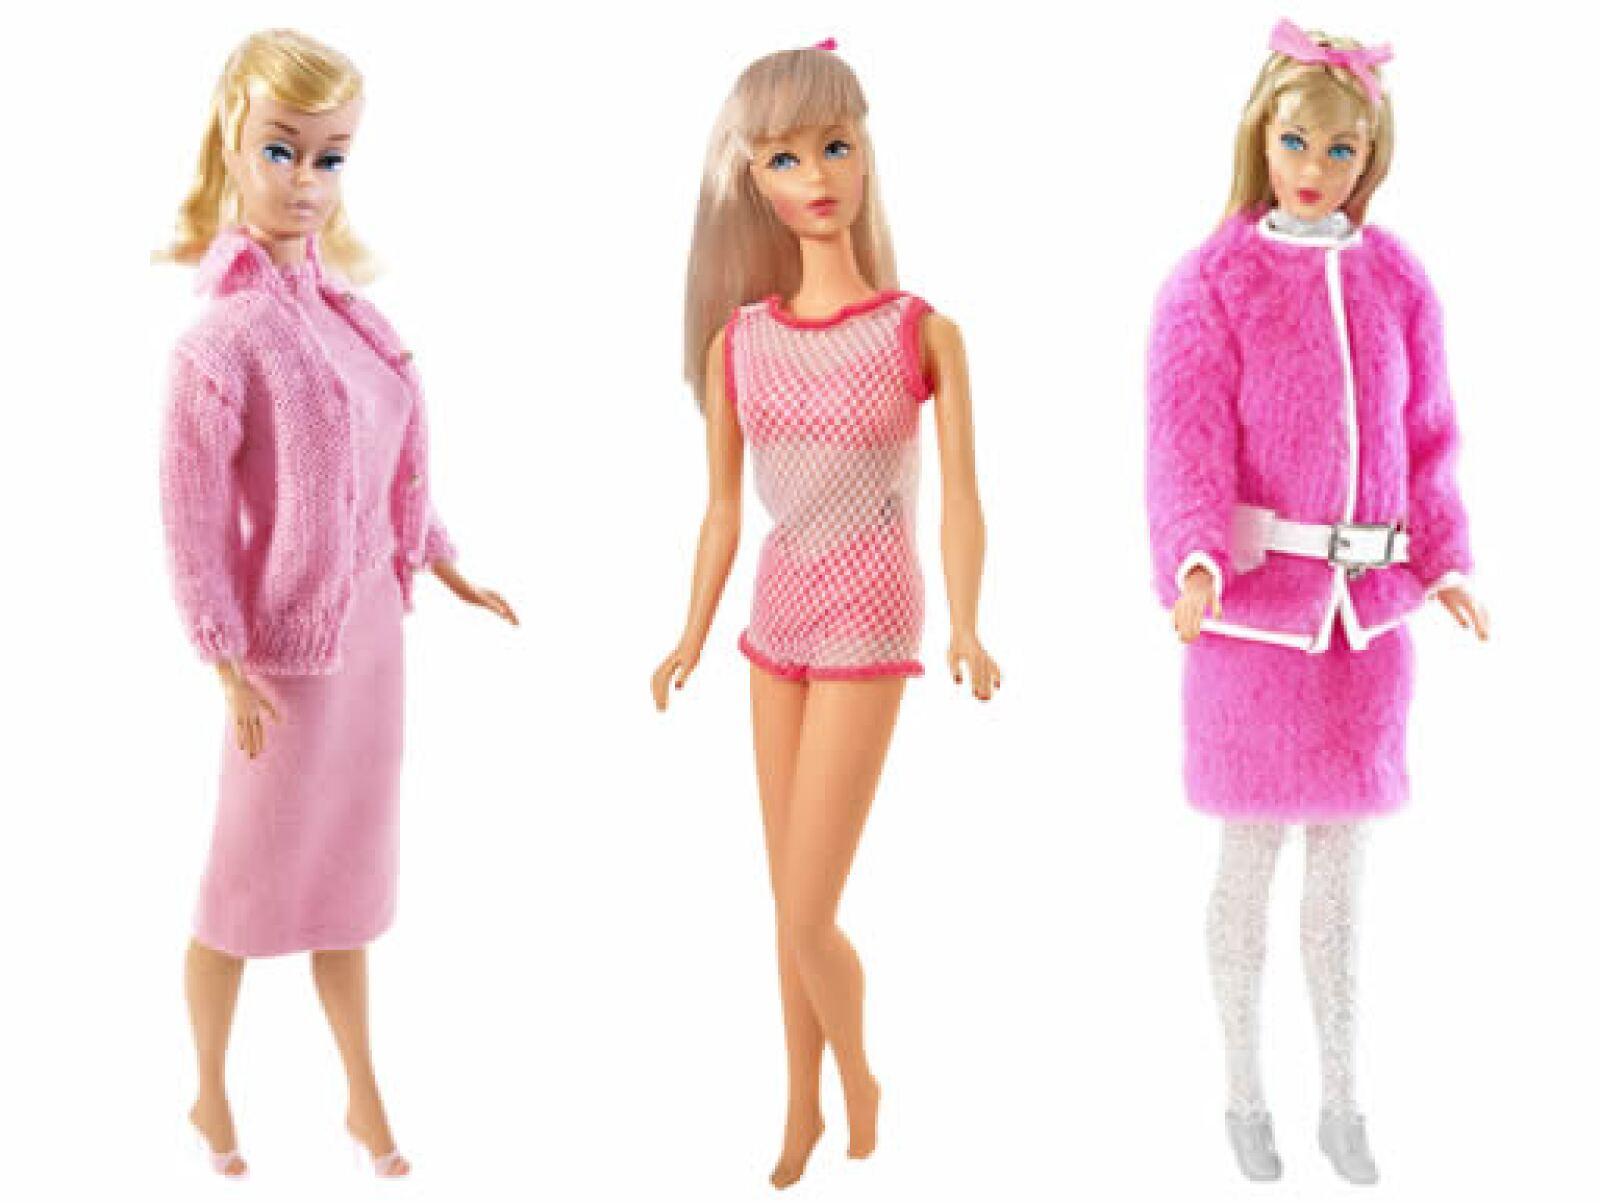 Barbie se vende en 150 países alrededor del mundo. Si formamos en línea recta a todas las muñecas vendidas desde 1959 le dan la vuelta al mundo siete veces.